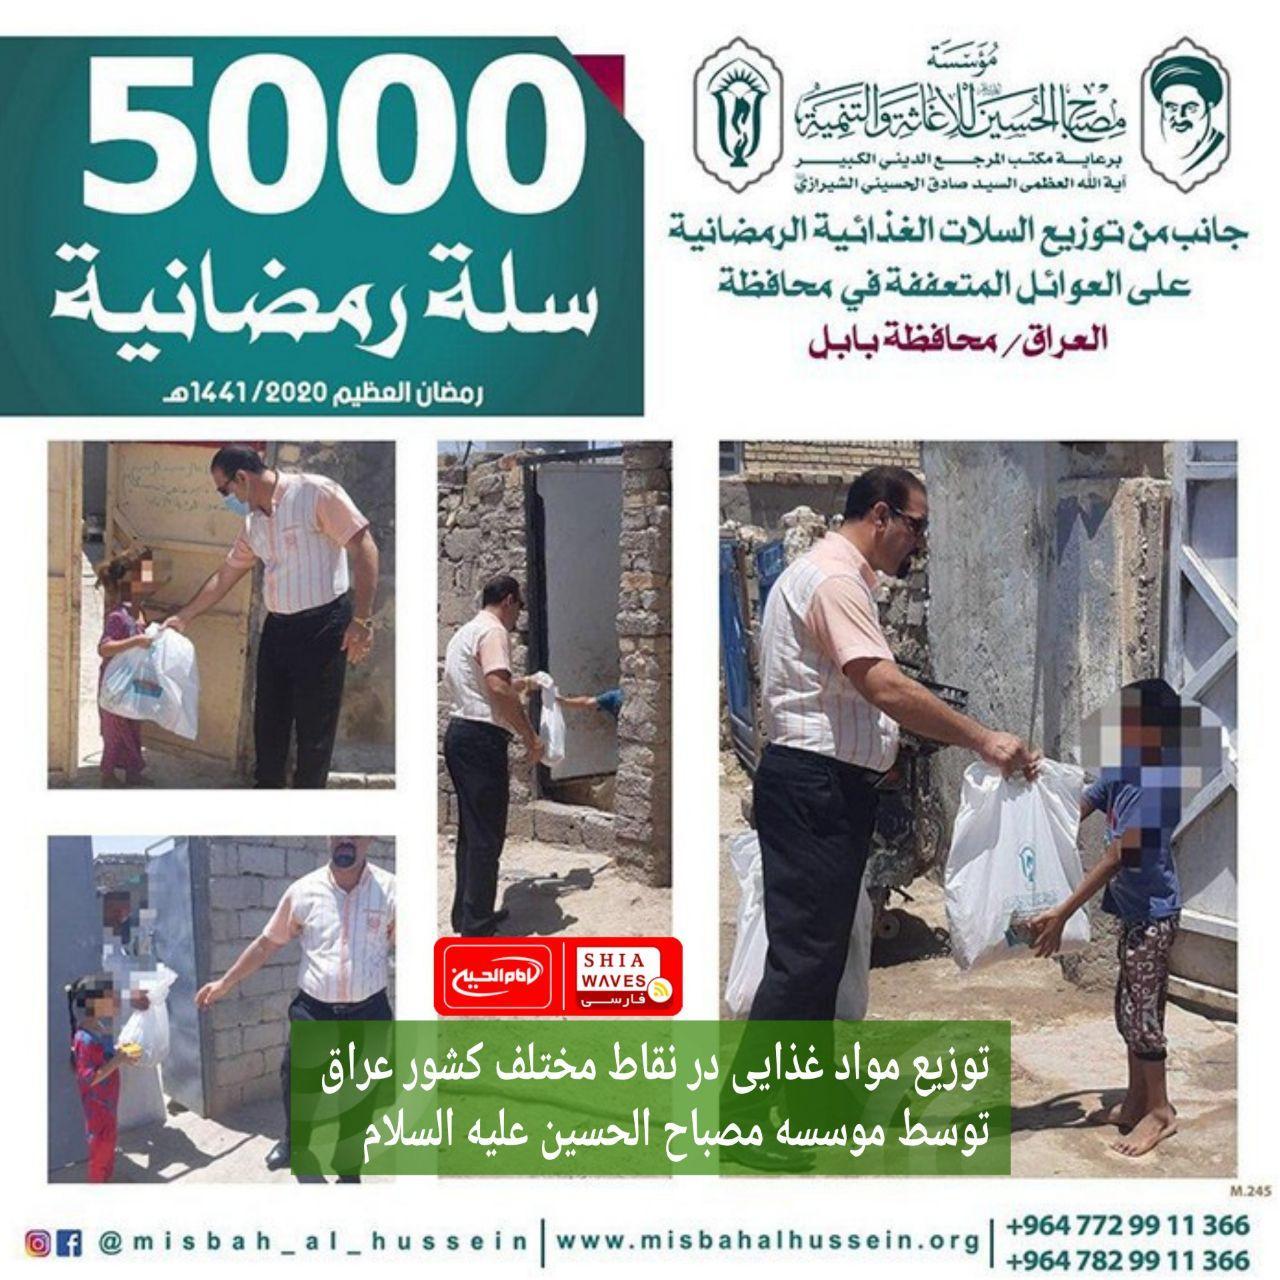 تصویر توزیع مواد غذایی در نقاط مختلف کشور عراق توسط موسسه مصباح الحسین علیه السلام